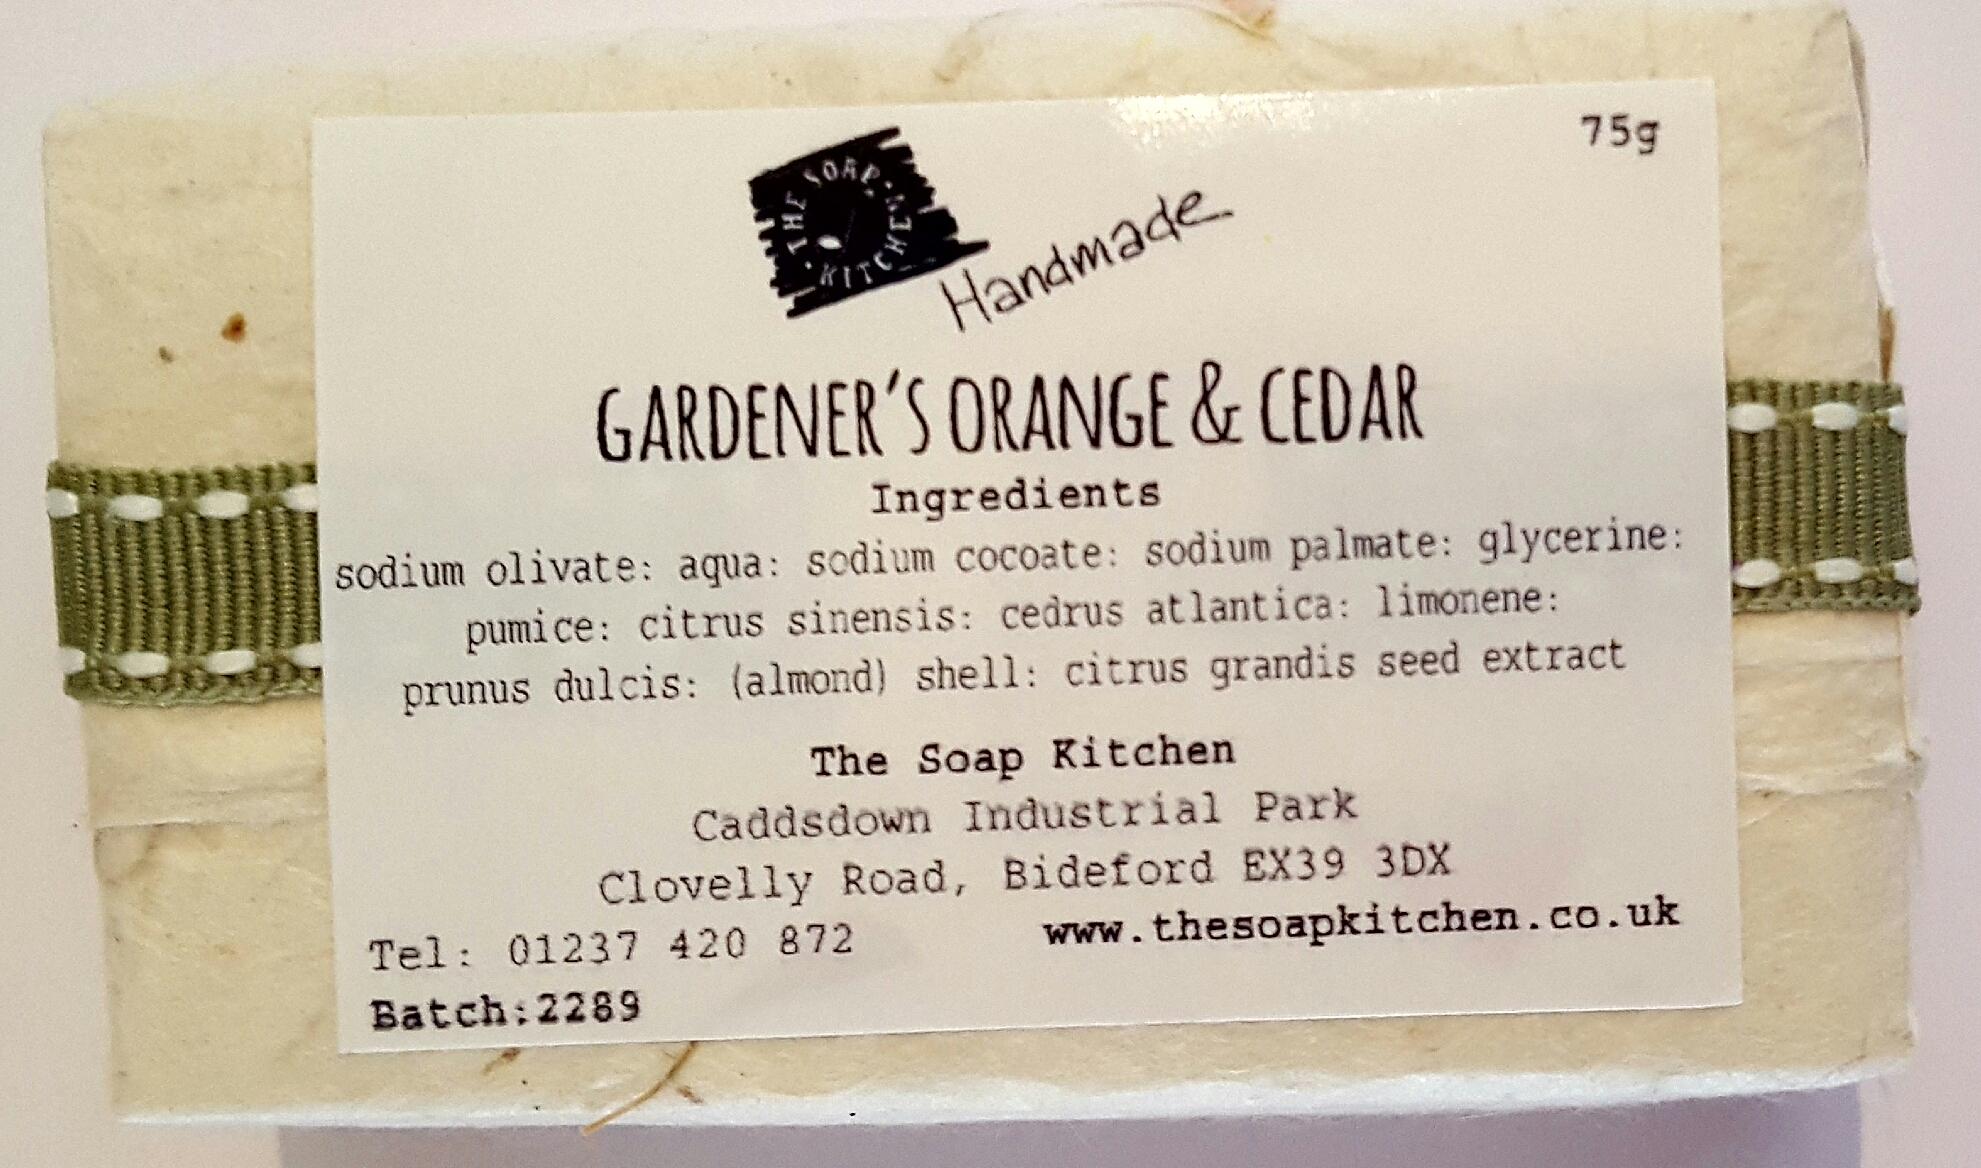 Gardener's Orange & Cedar Handmade Soap